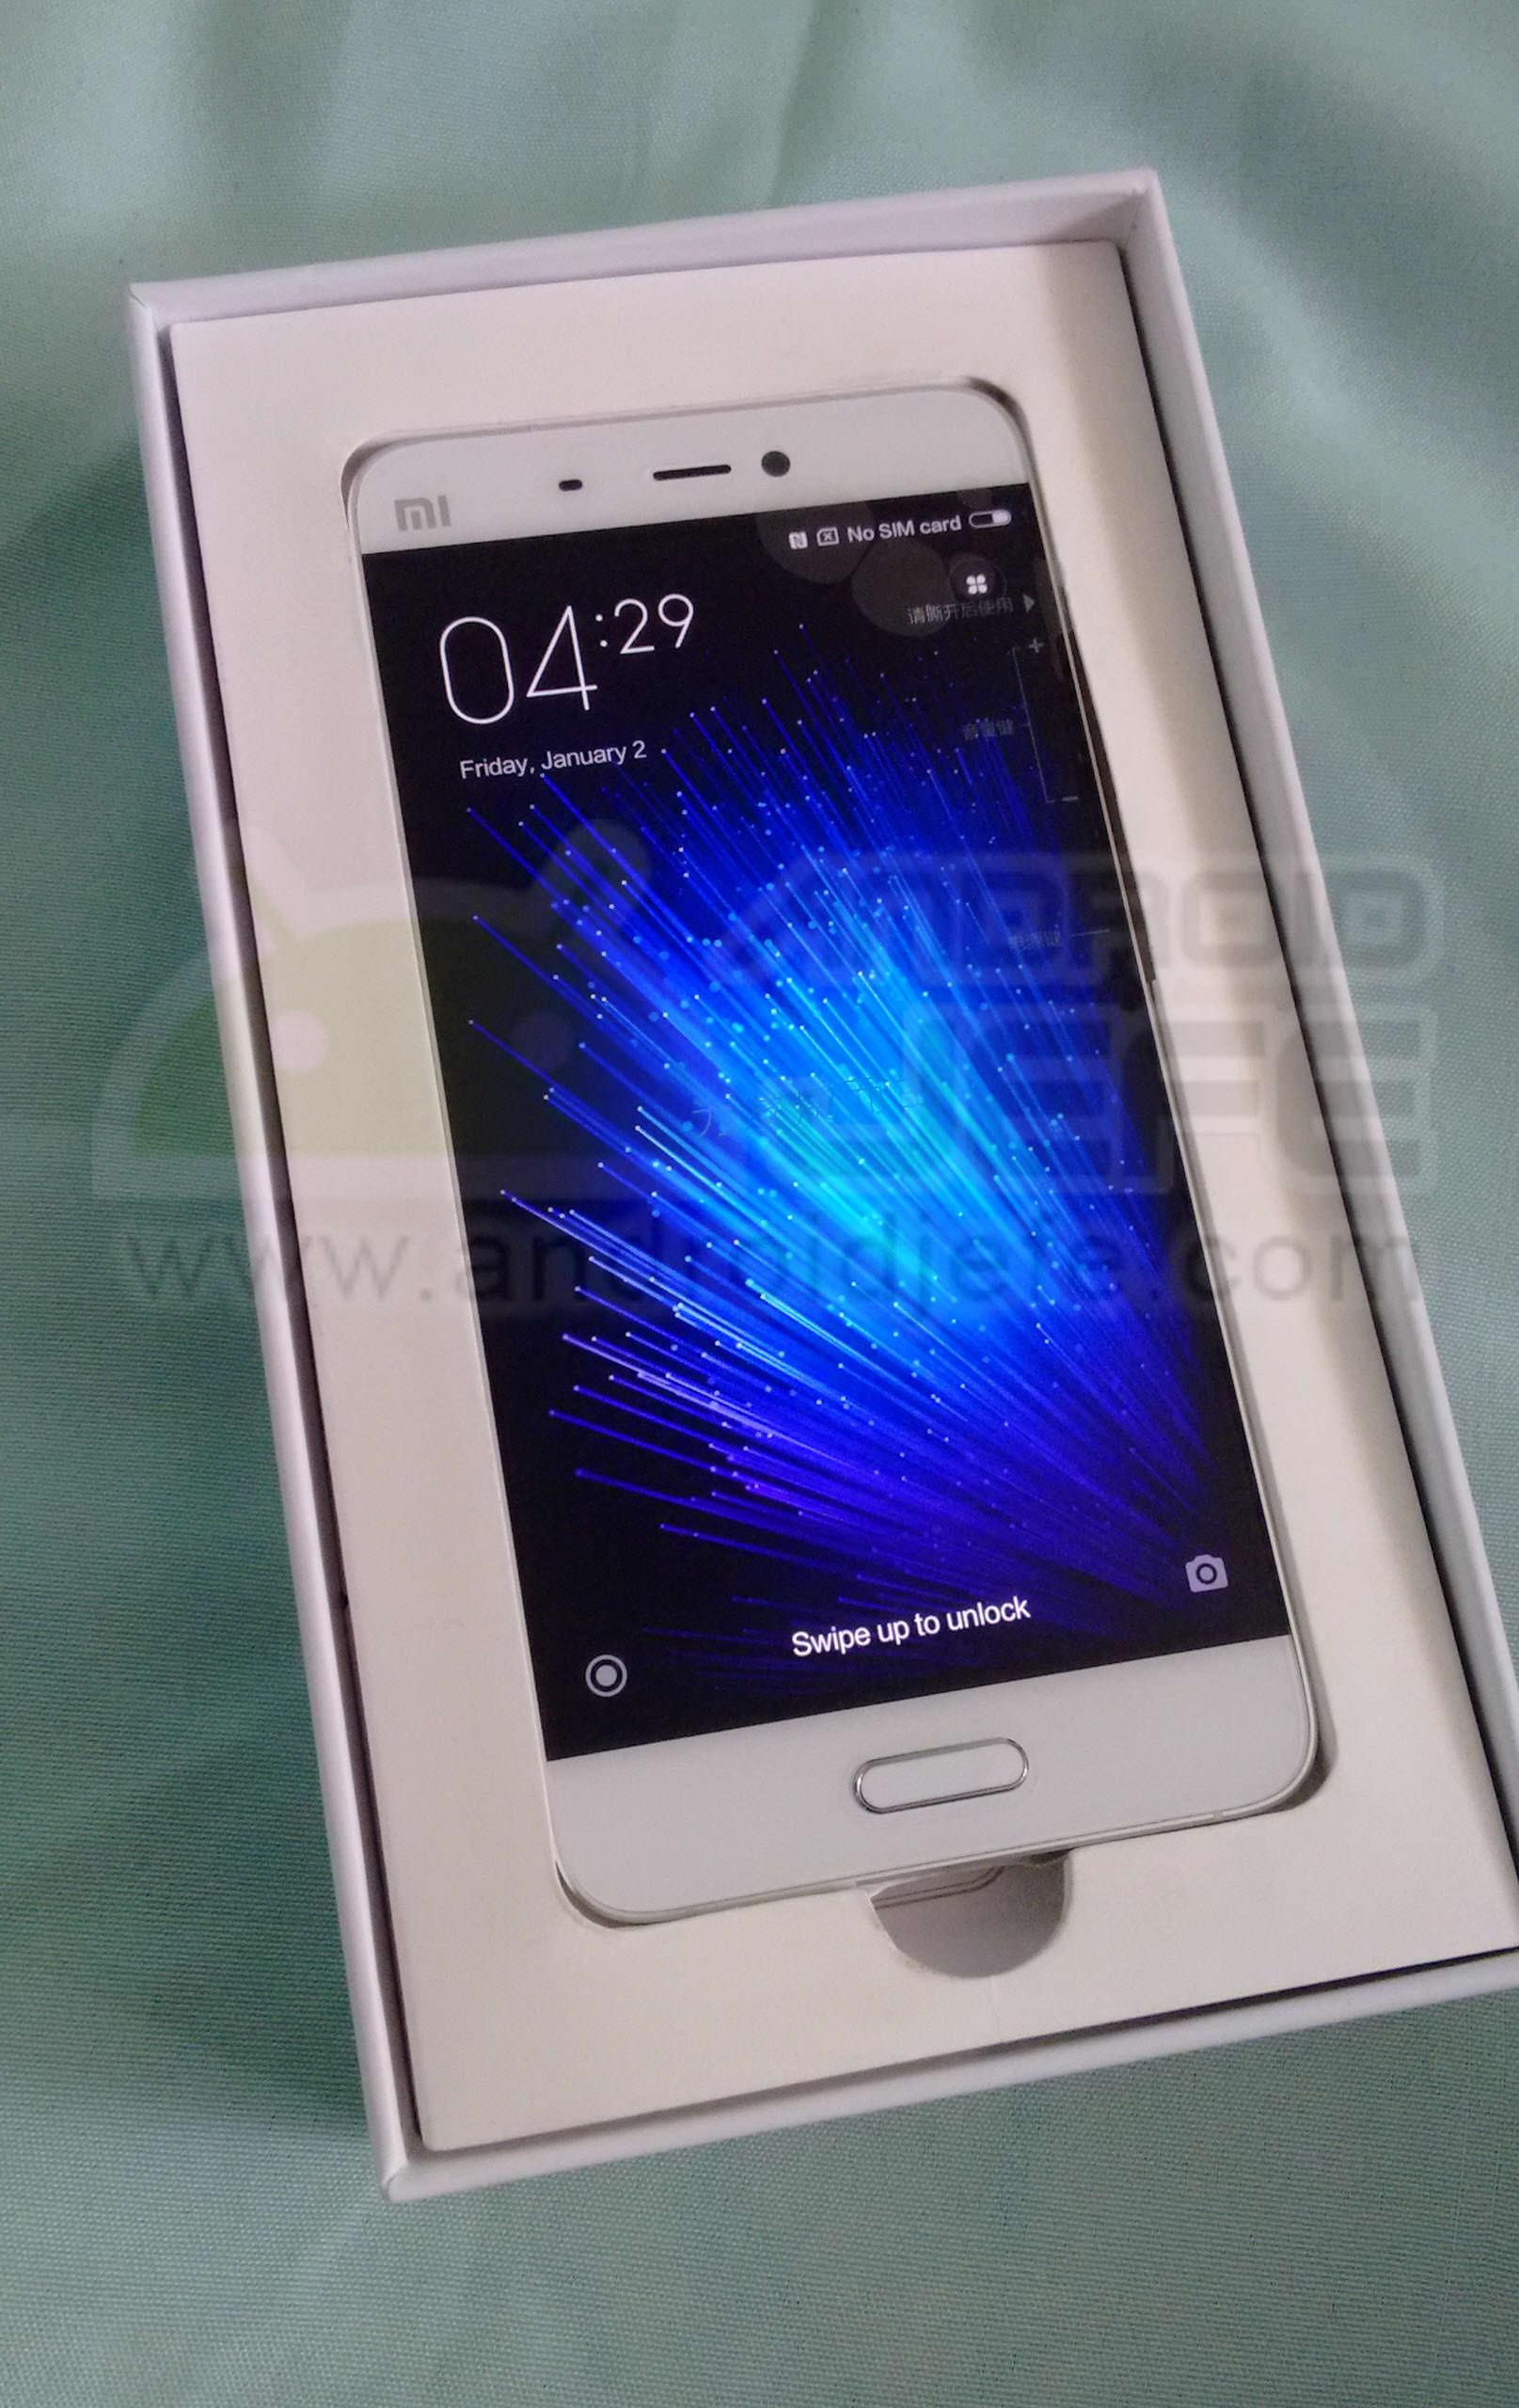 El manoseo de celulares en la Aduana: Lo que hay que saber al importar por primera vez